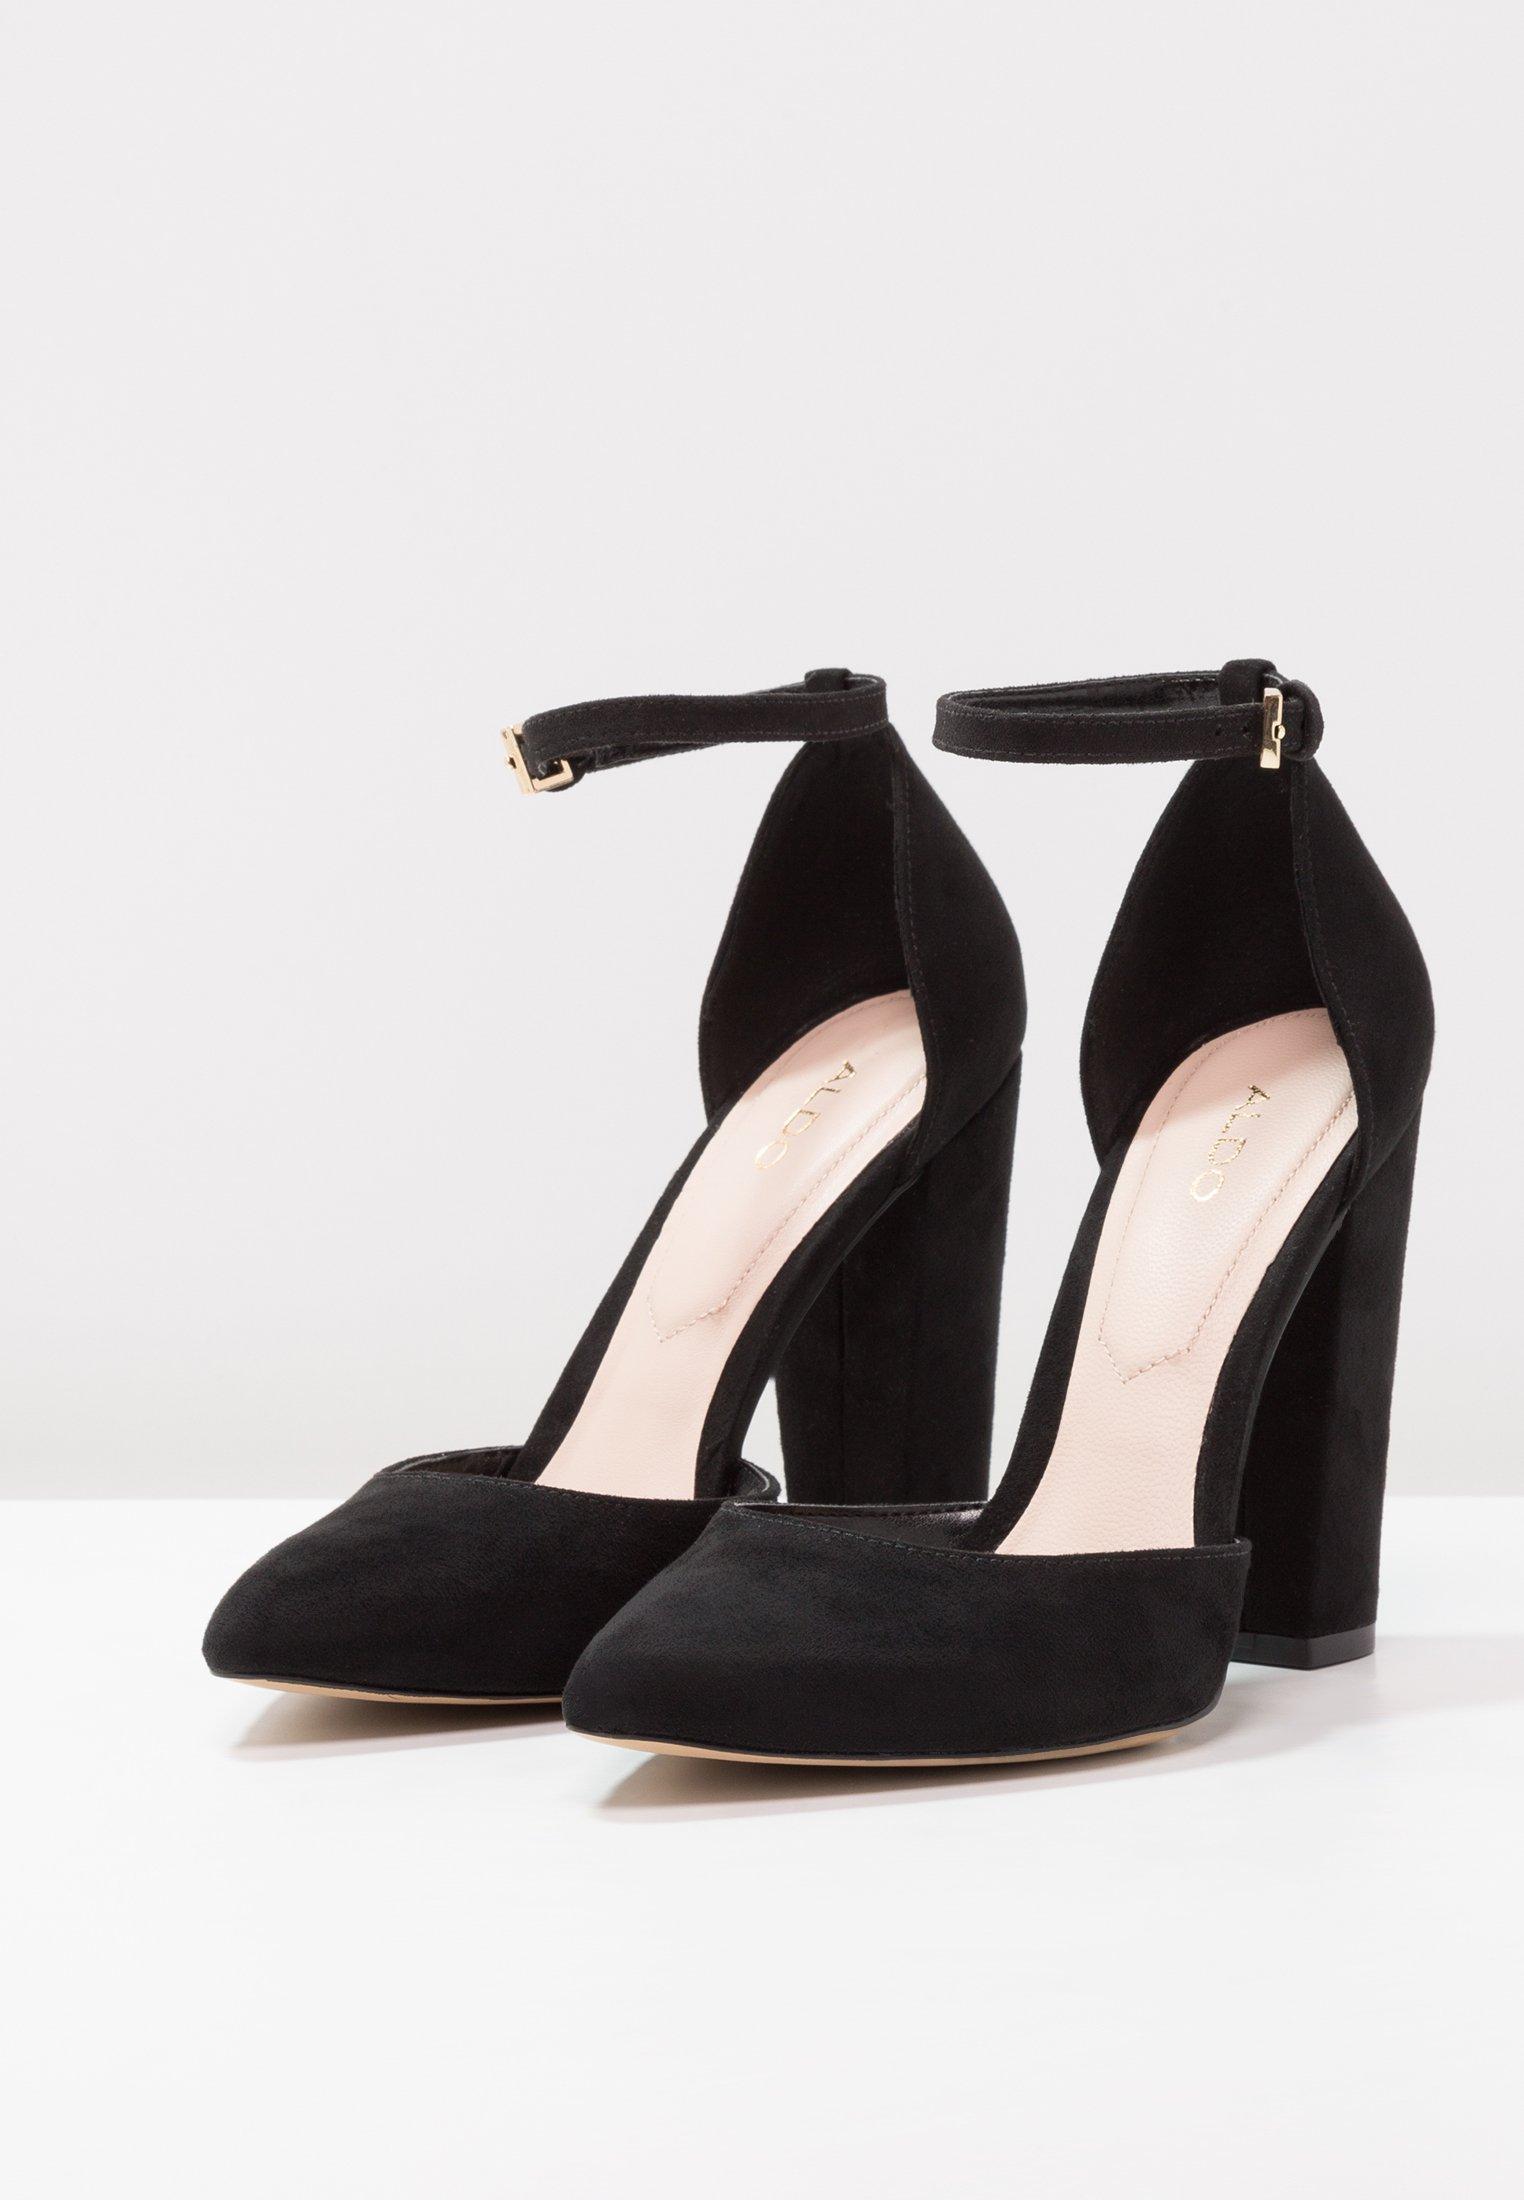 Los más valorados ALDO NICHOLES - Zapatos altos - black | Calzado de mujer2020 GKgSW